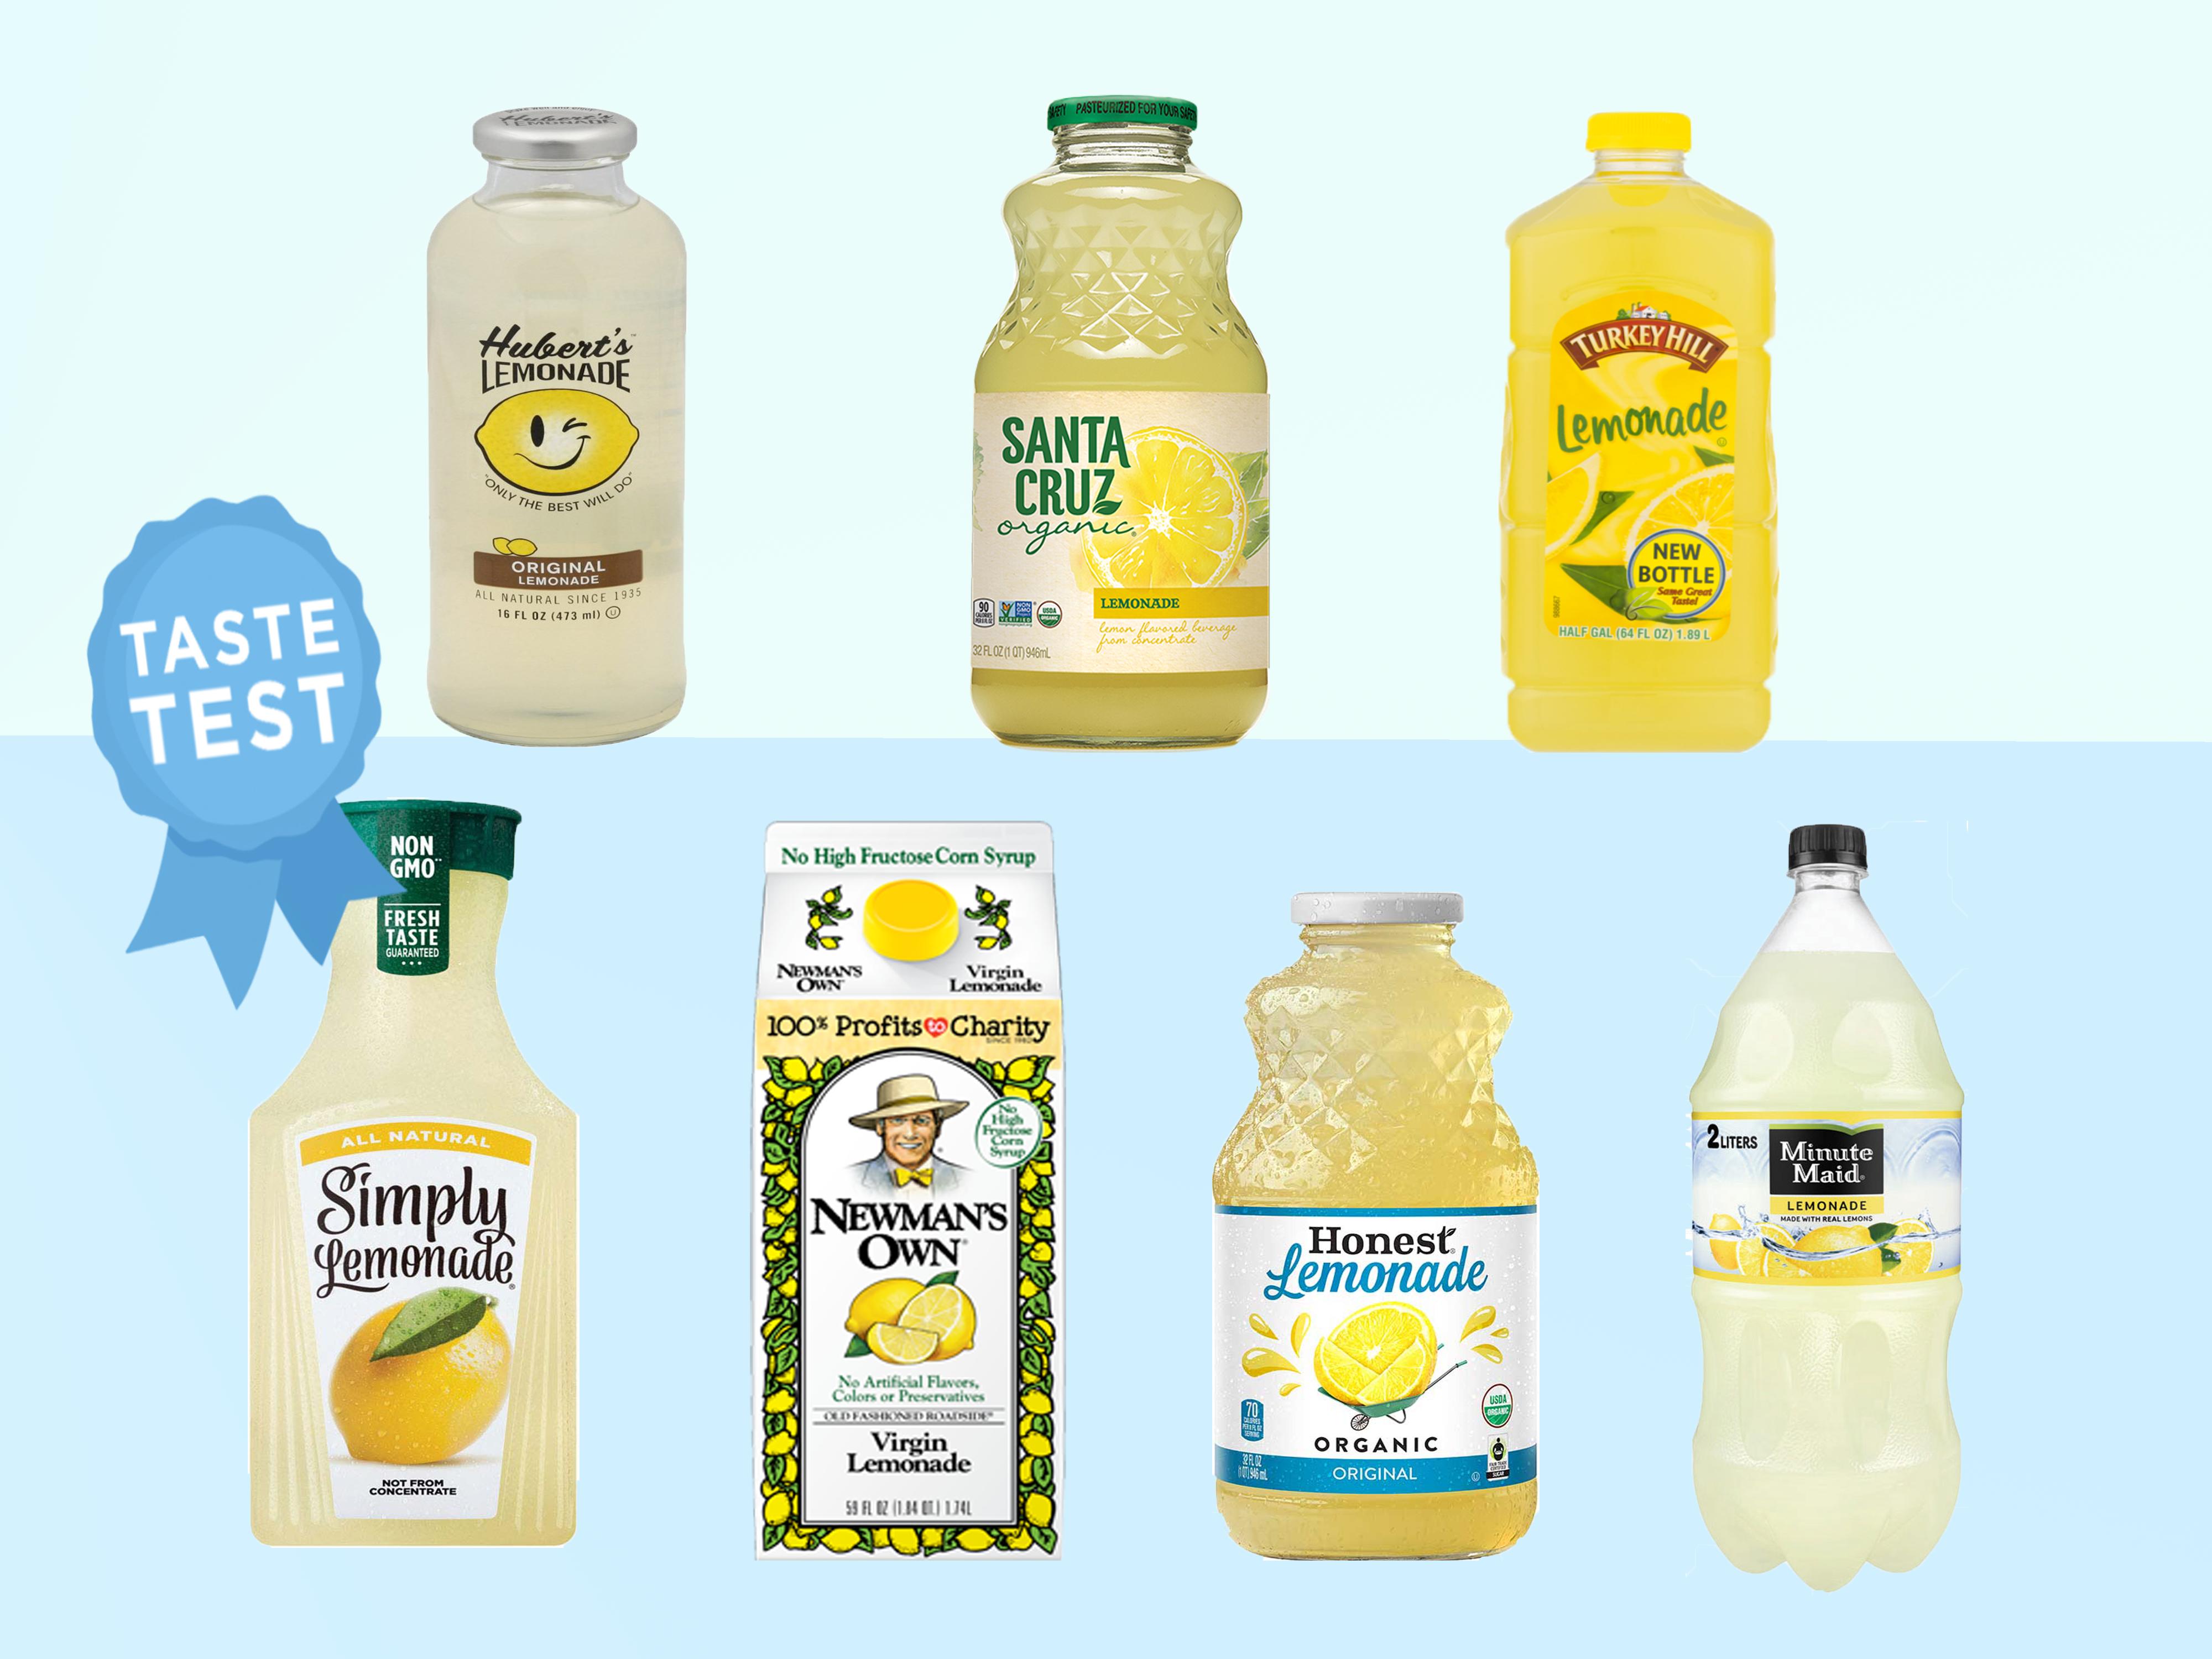 lemonade-taste-test